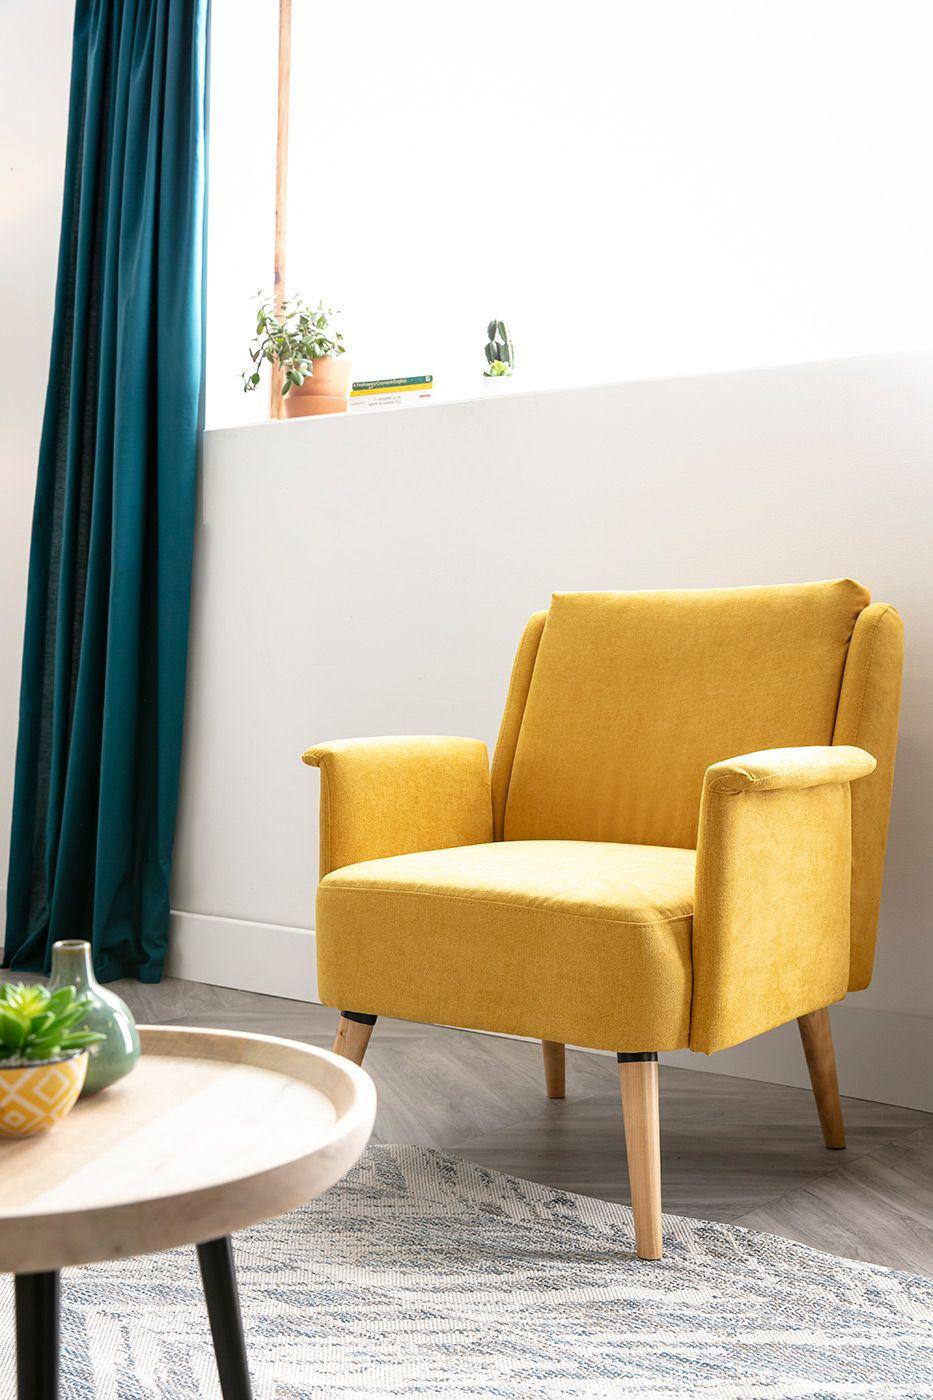 Fauteuil Design Tissu Effet Velours Jaune Moutarde Aeola Miliboo En 2020 Idees De Meubles Fauteuil Design Mobilier De Salon